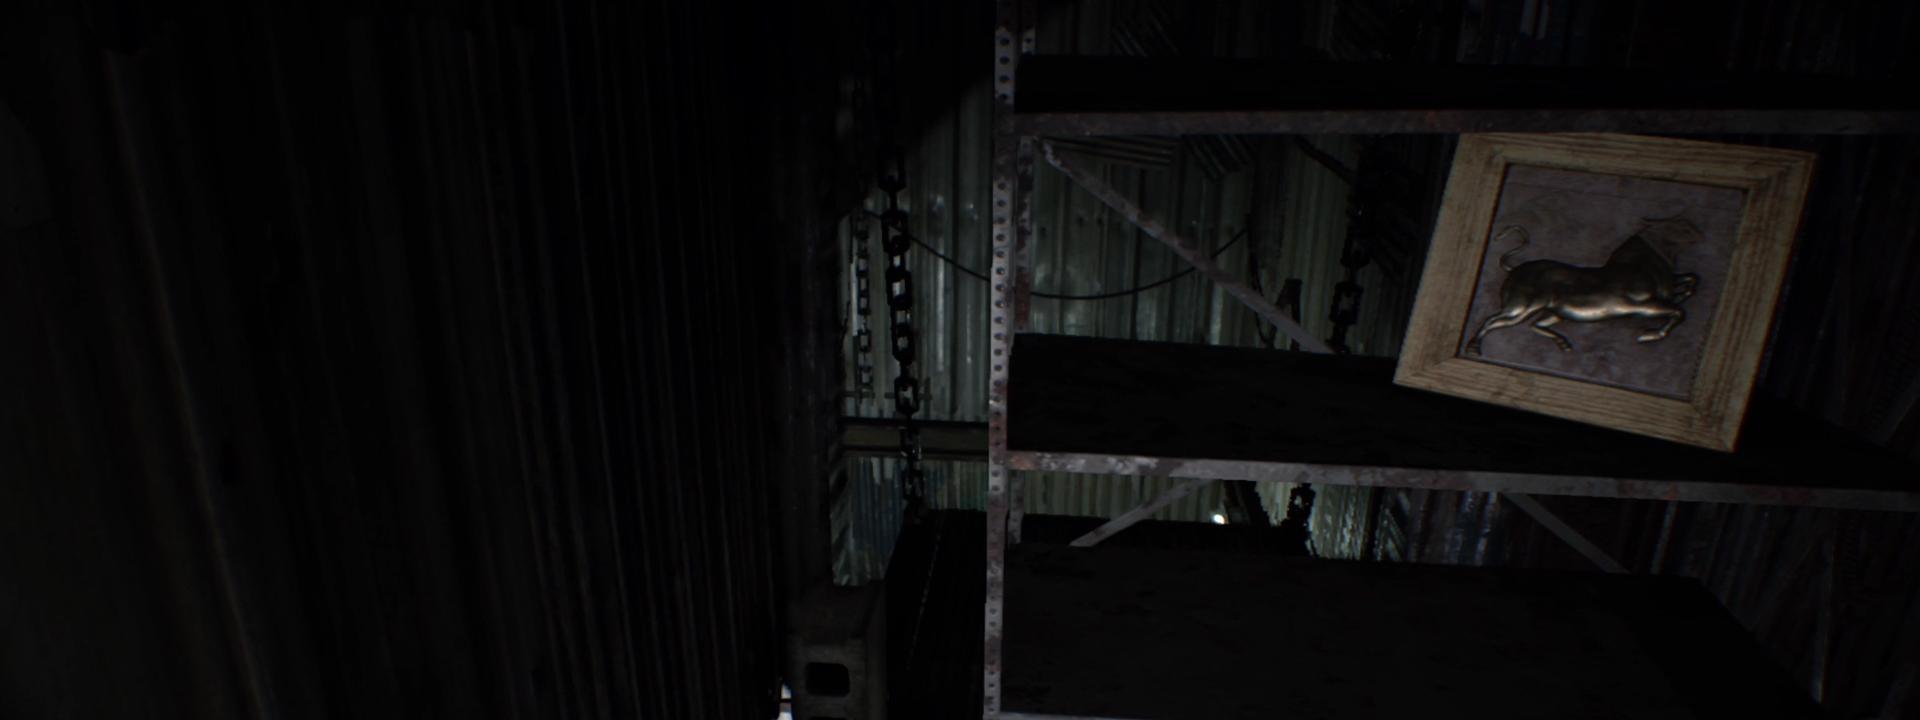 Resident_Evil_7_Komplettlösung_Ochsenbild